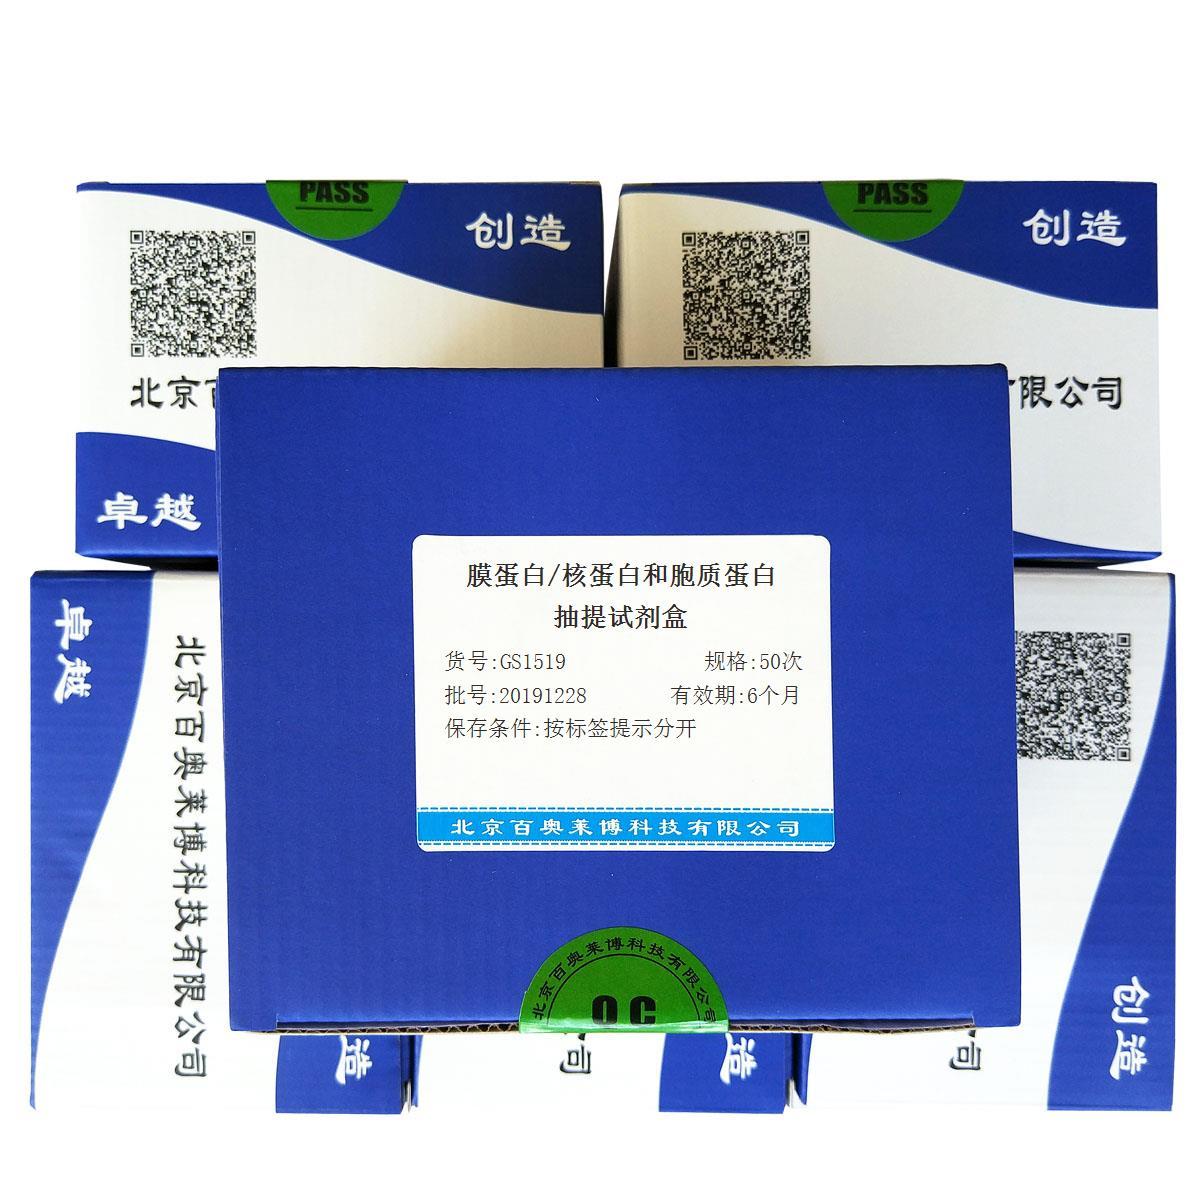 膜蛋白/核蛋白和胞质蛋白抽提试剂盒报价